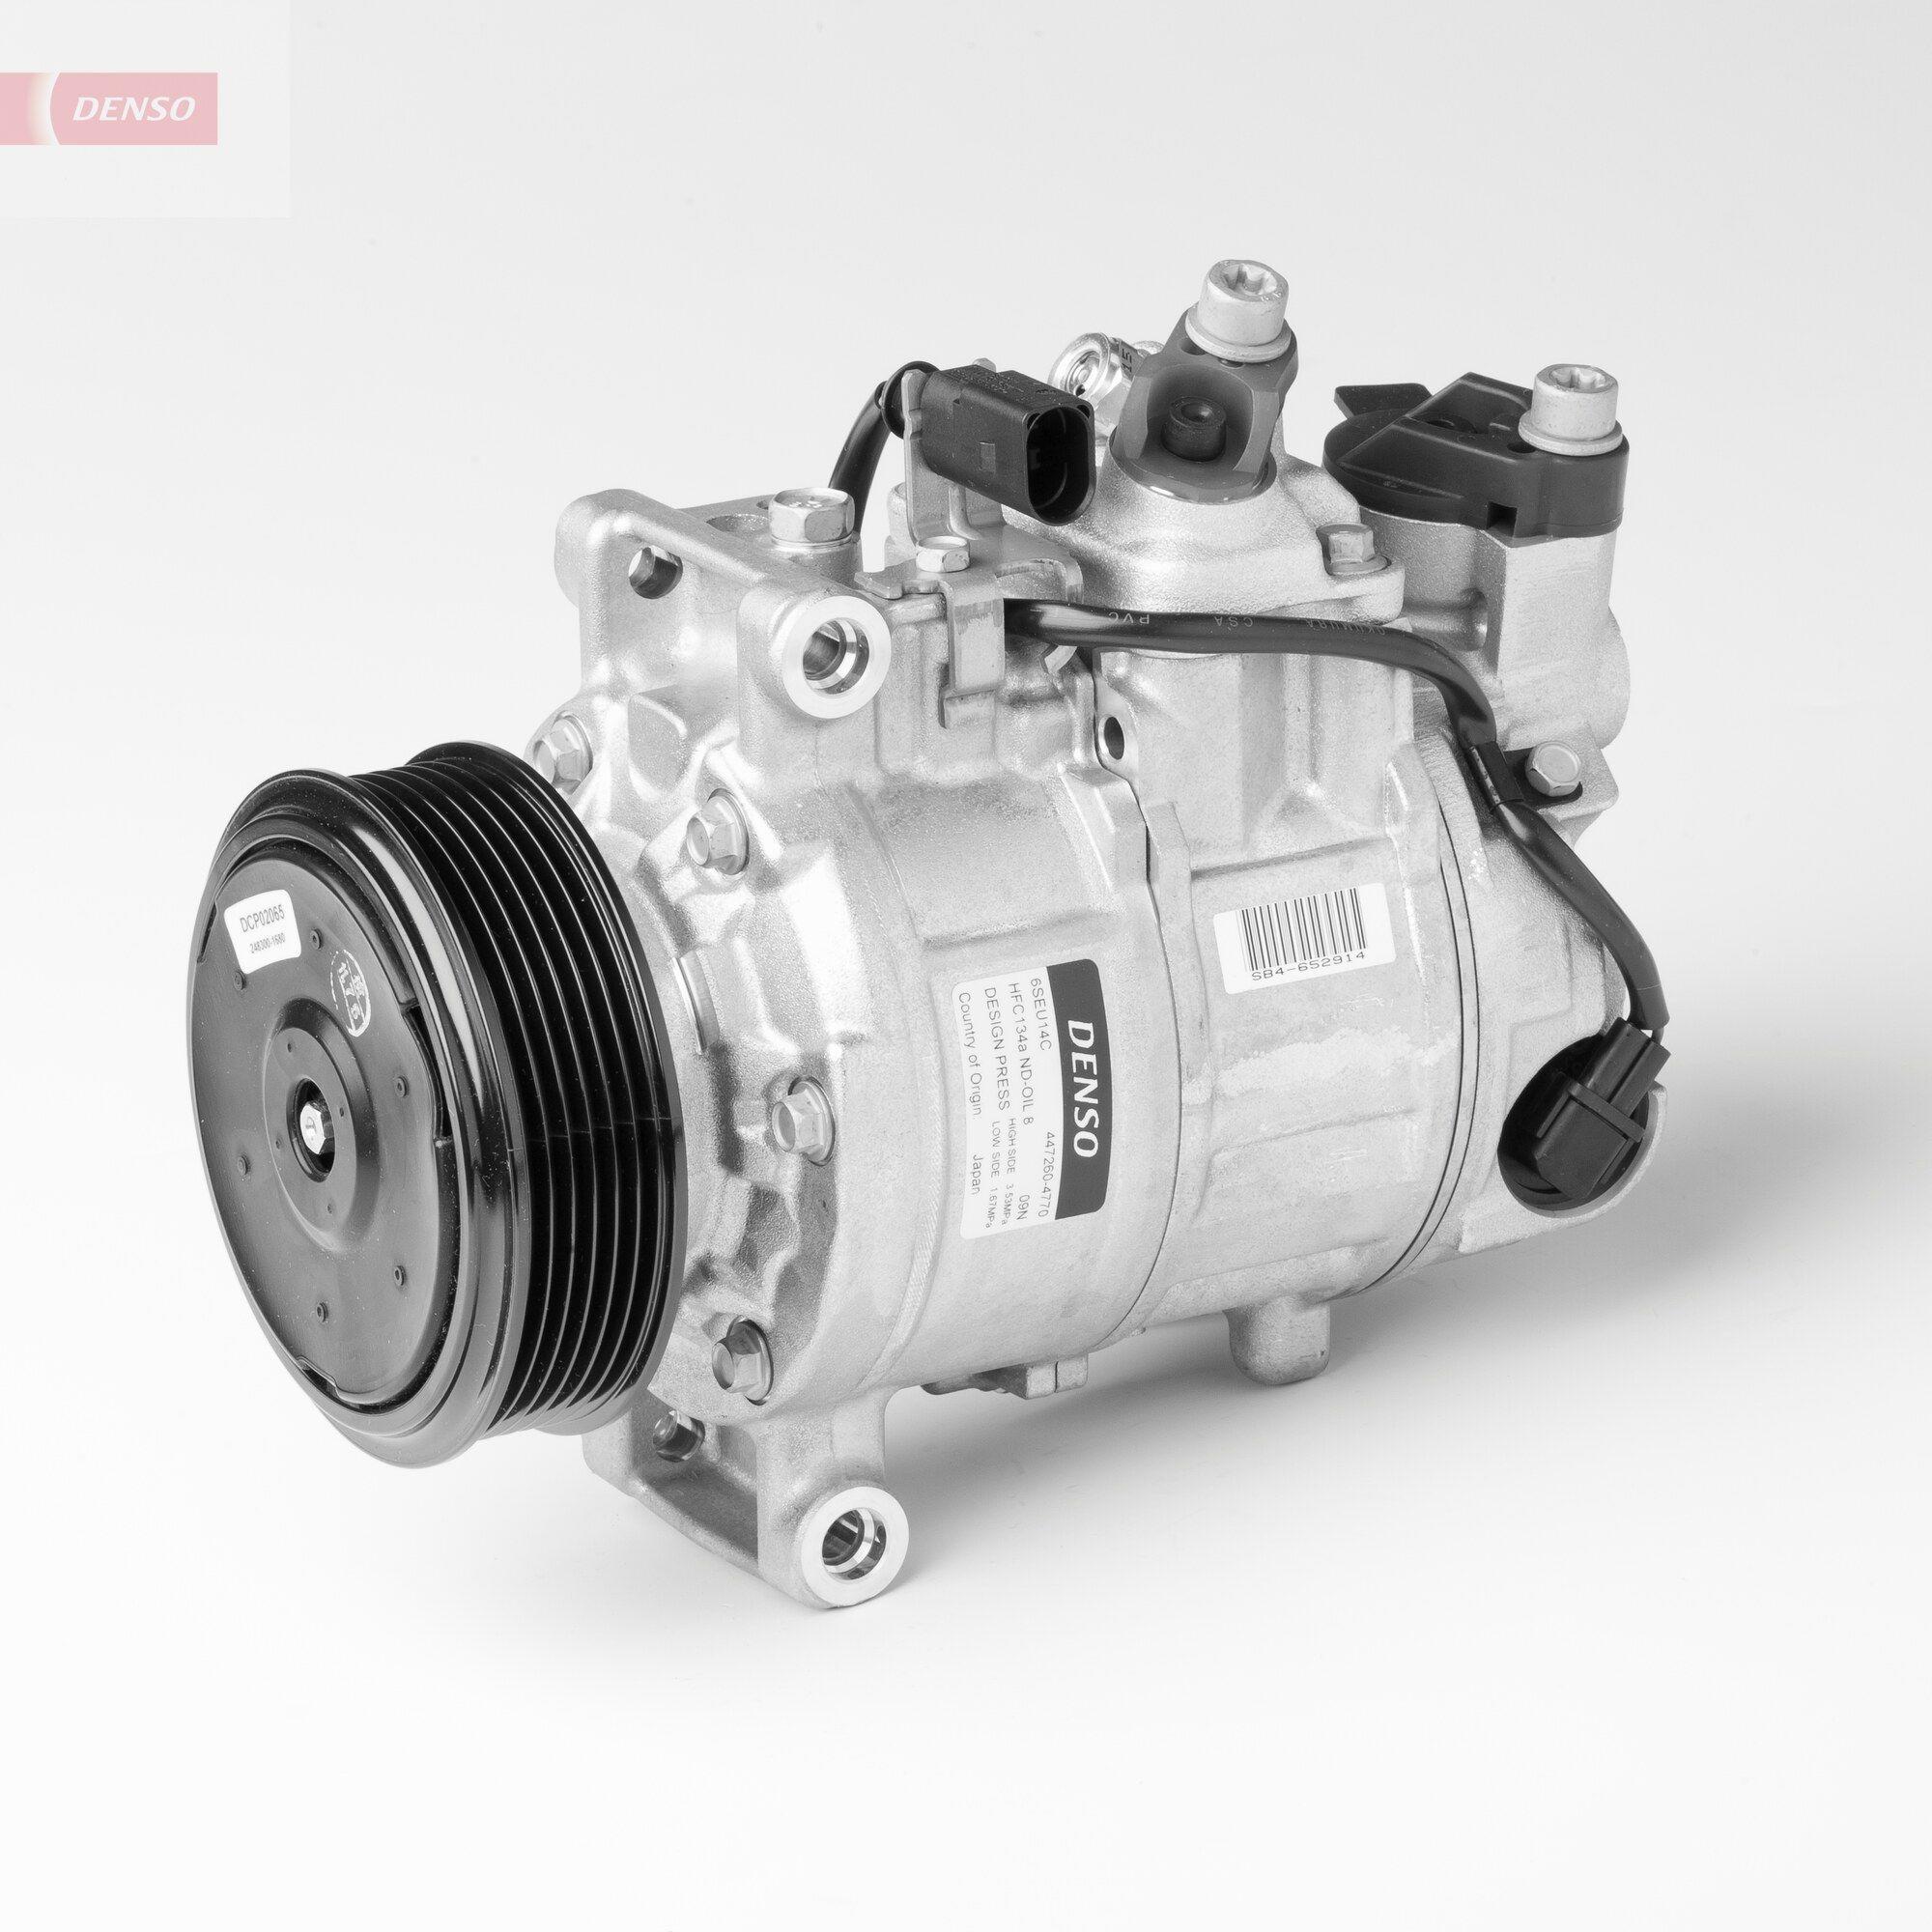 Kompressor DENSO DCP02065